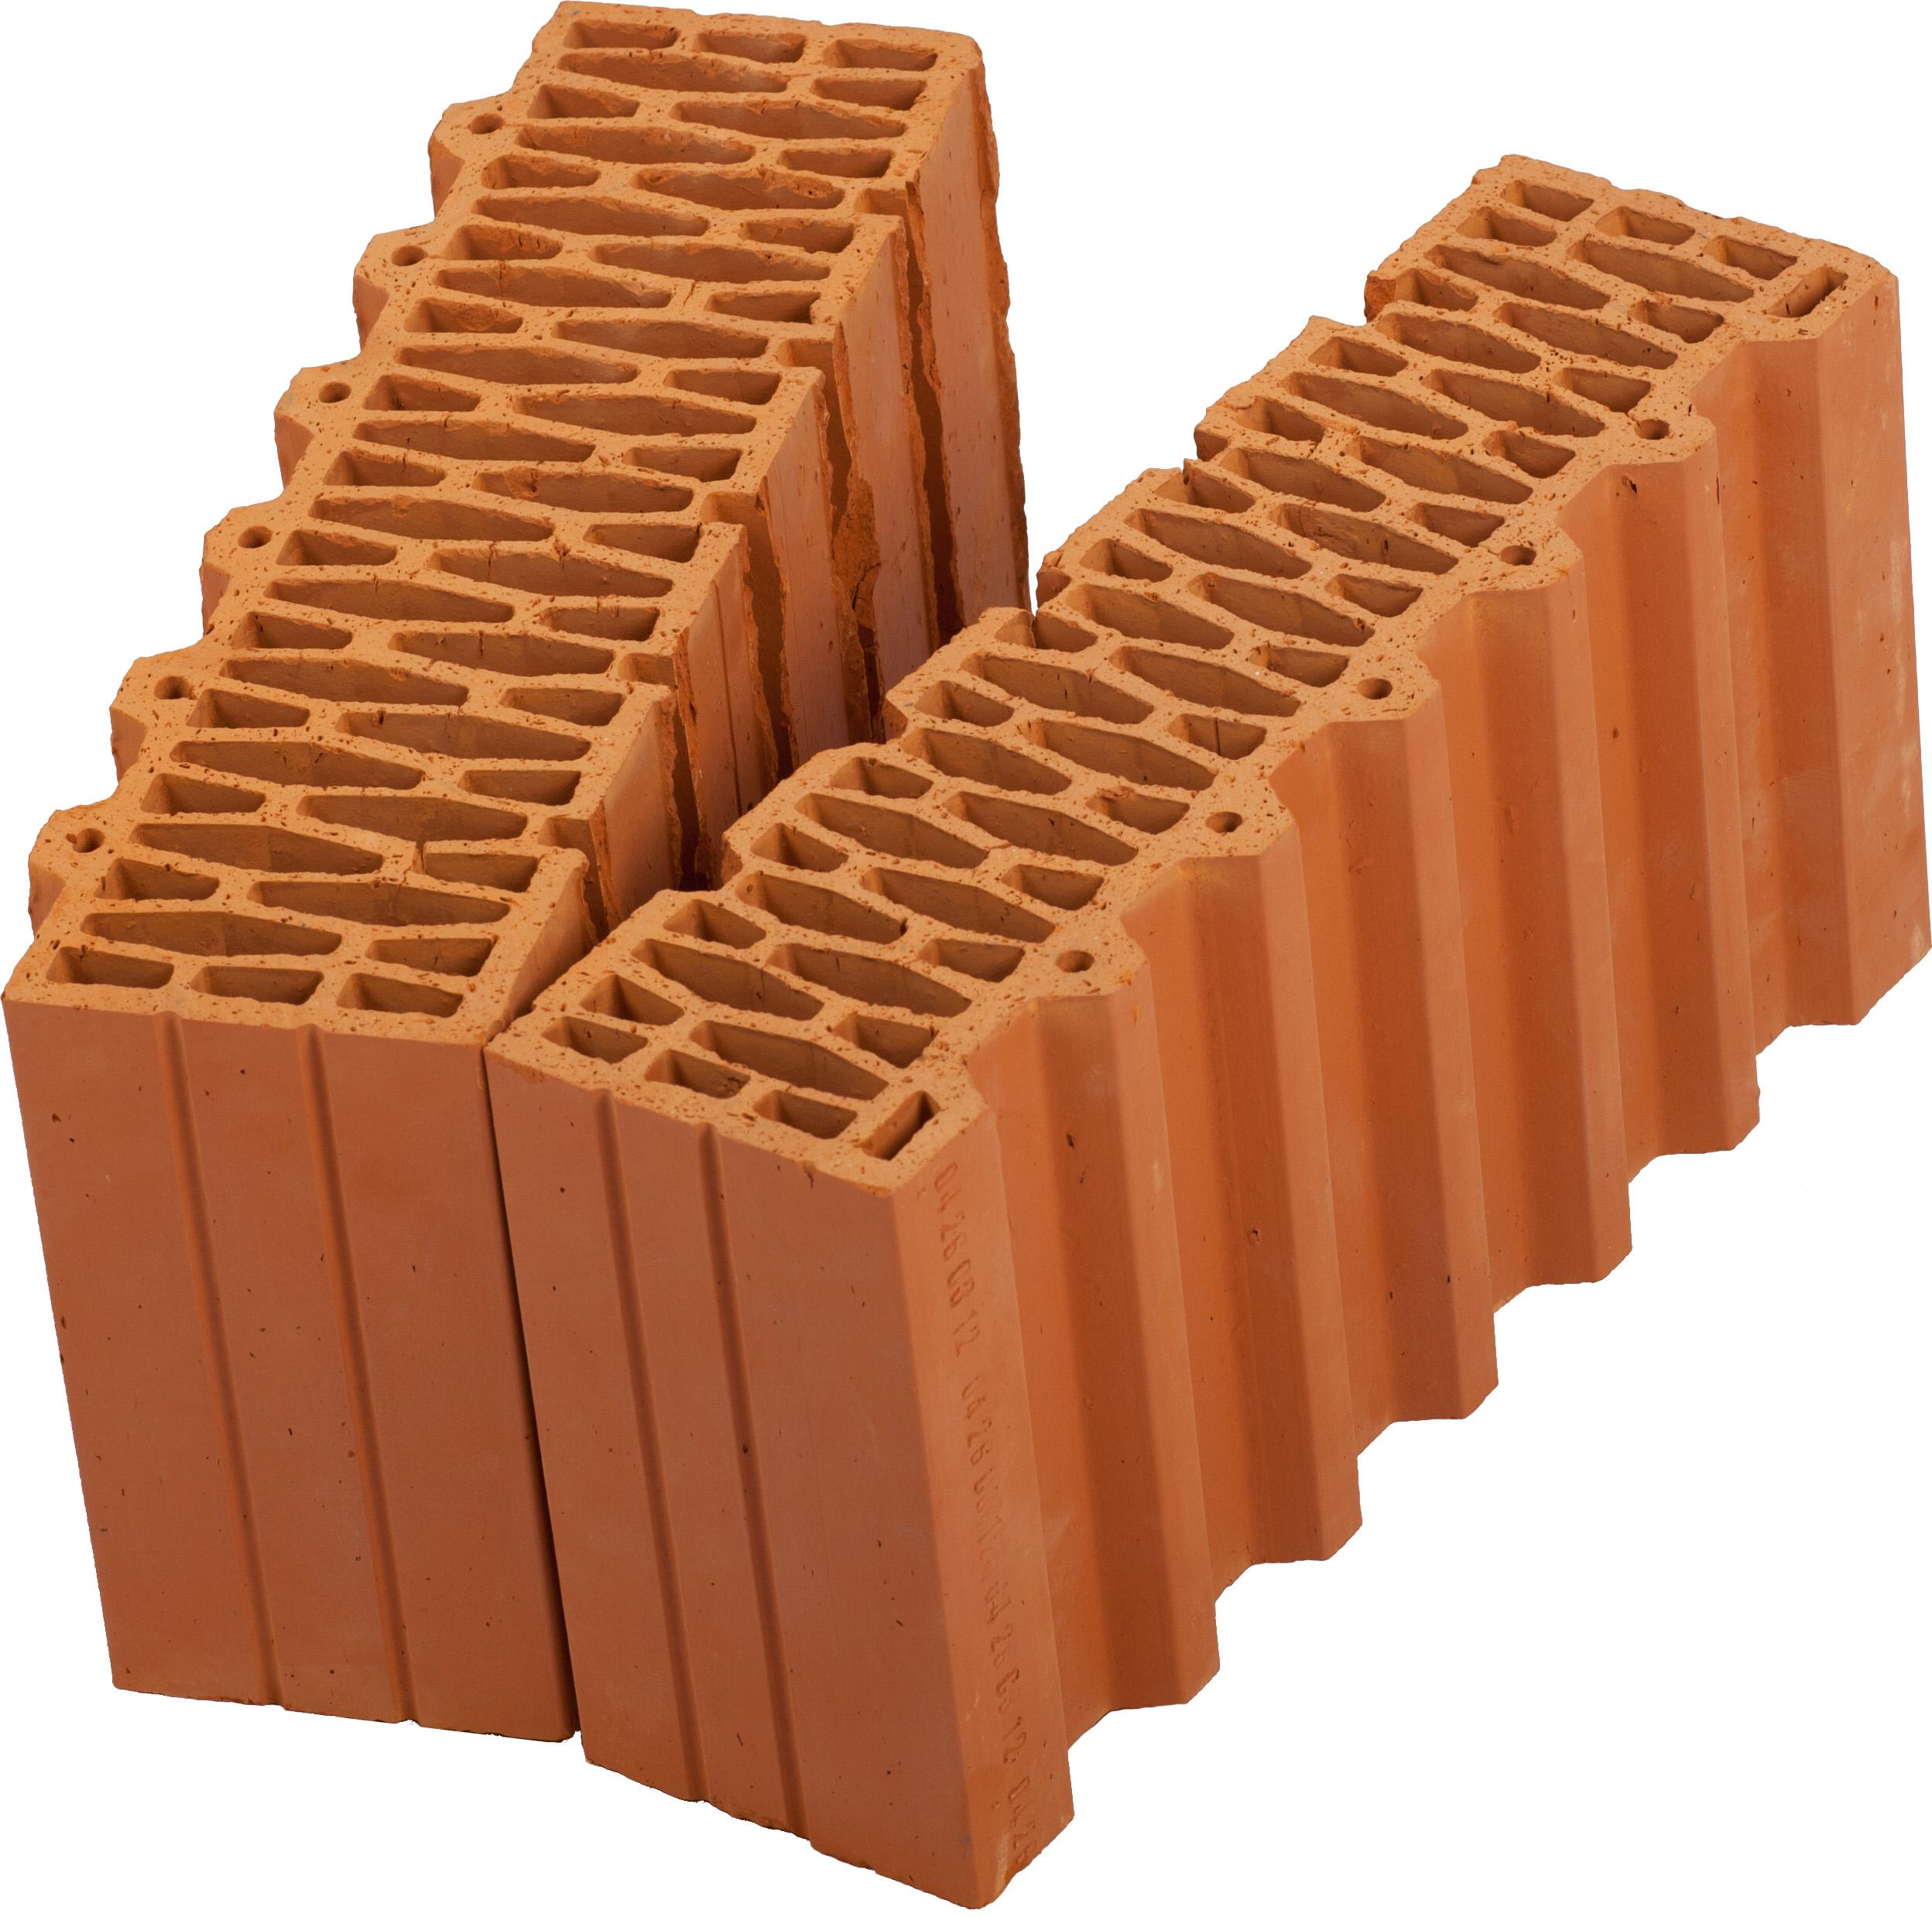 Керамический блок (камень) Porotherm 44-1/2 (PTH 44-1/2), поризованный (доборный элемент)